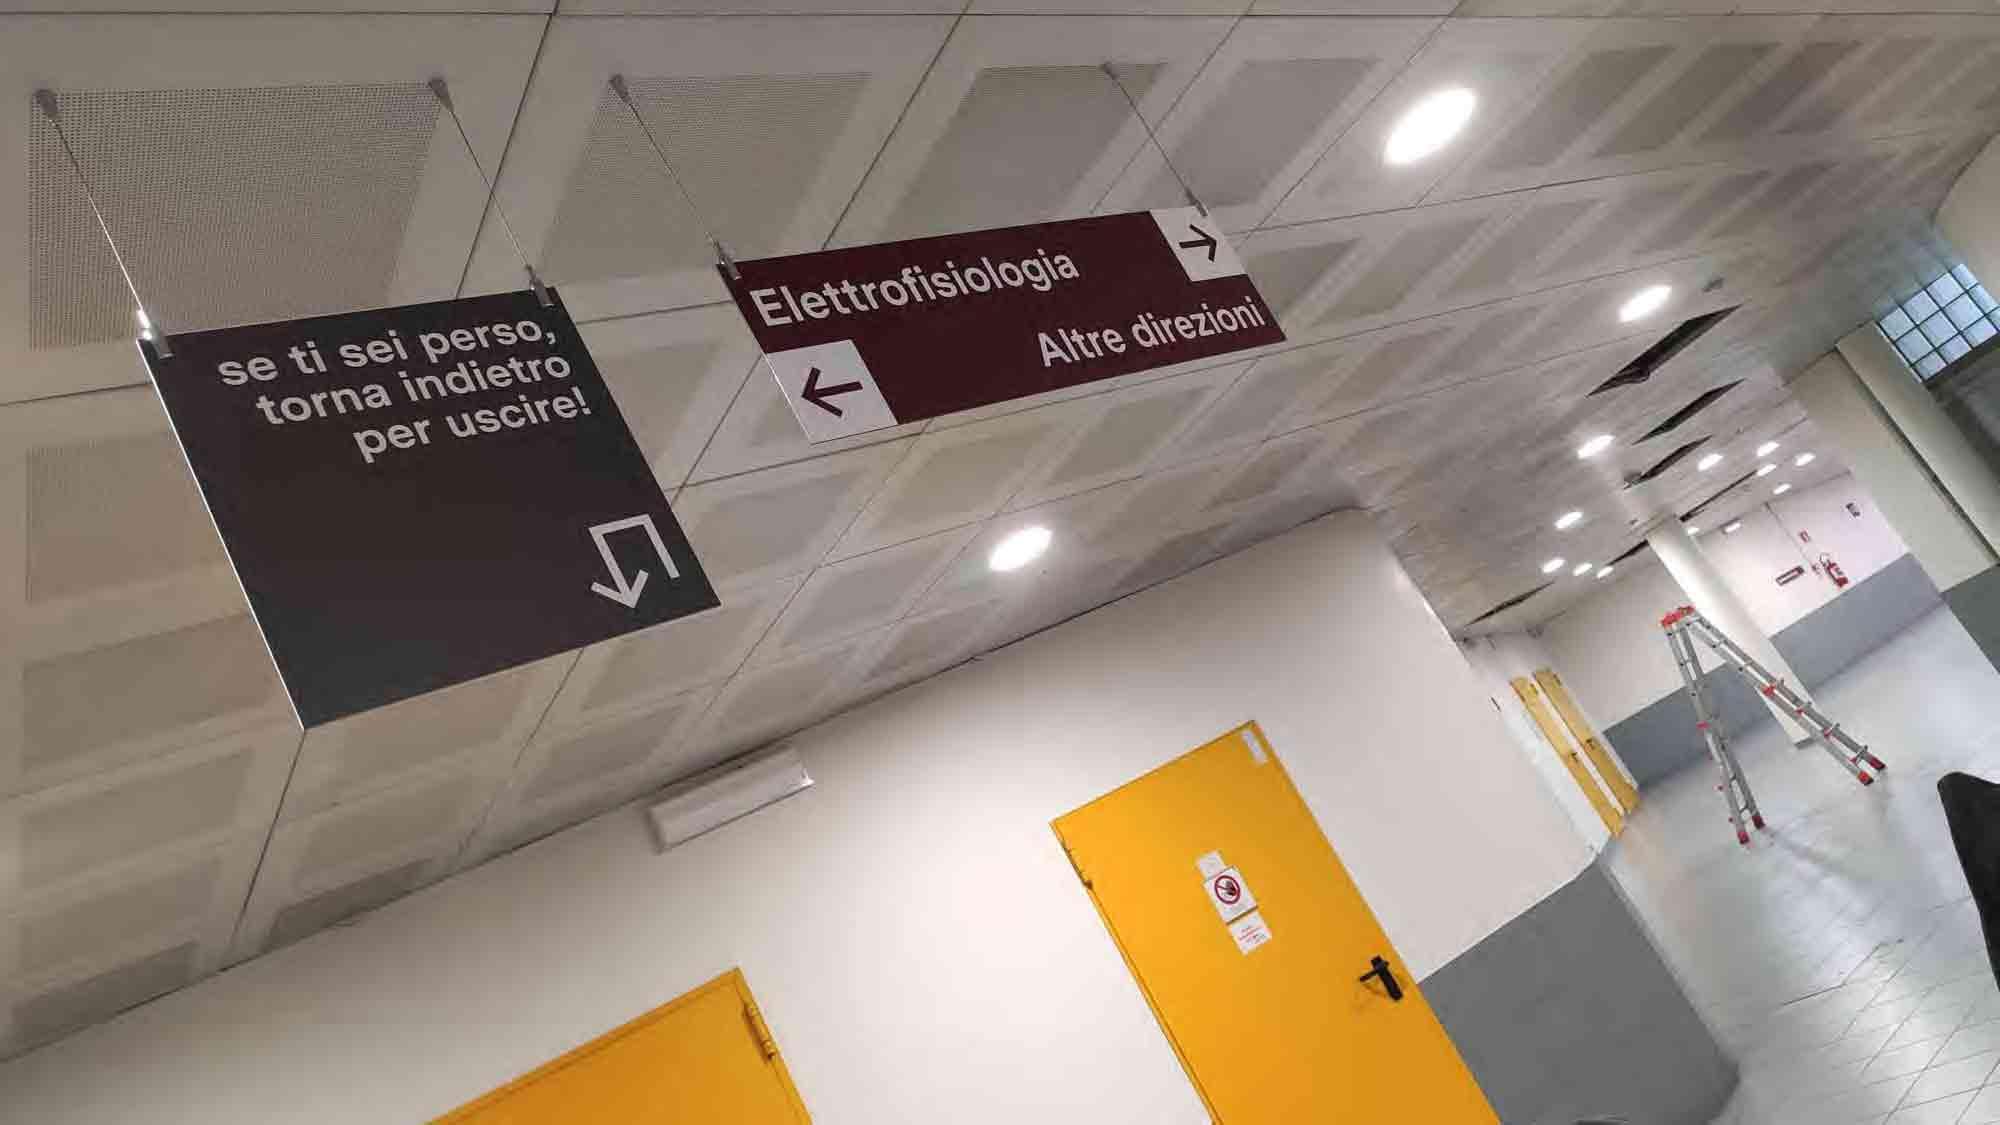 installazione segnaletica interna ospedale maria vittoria